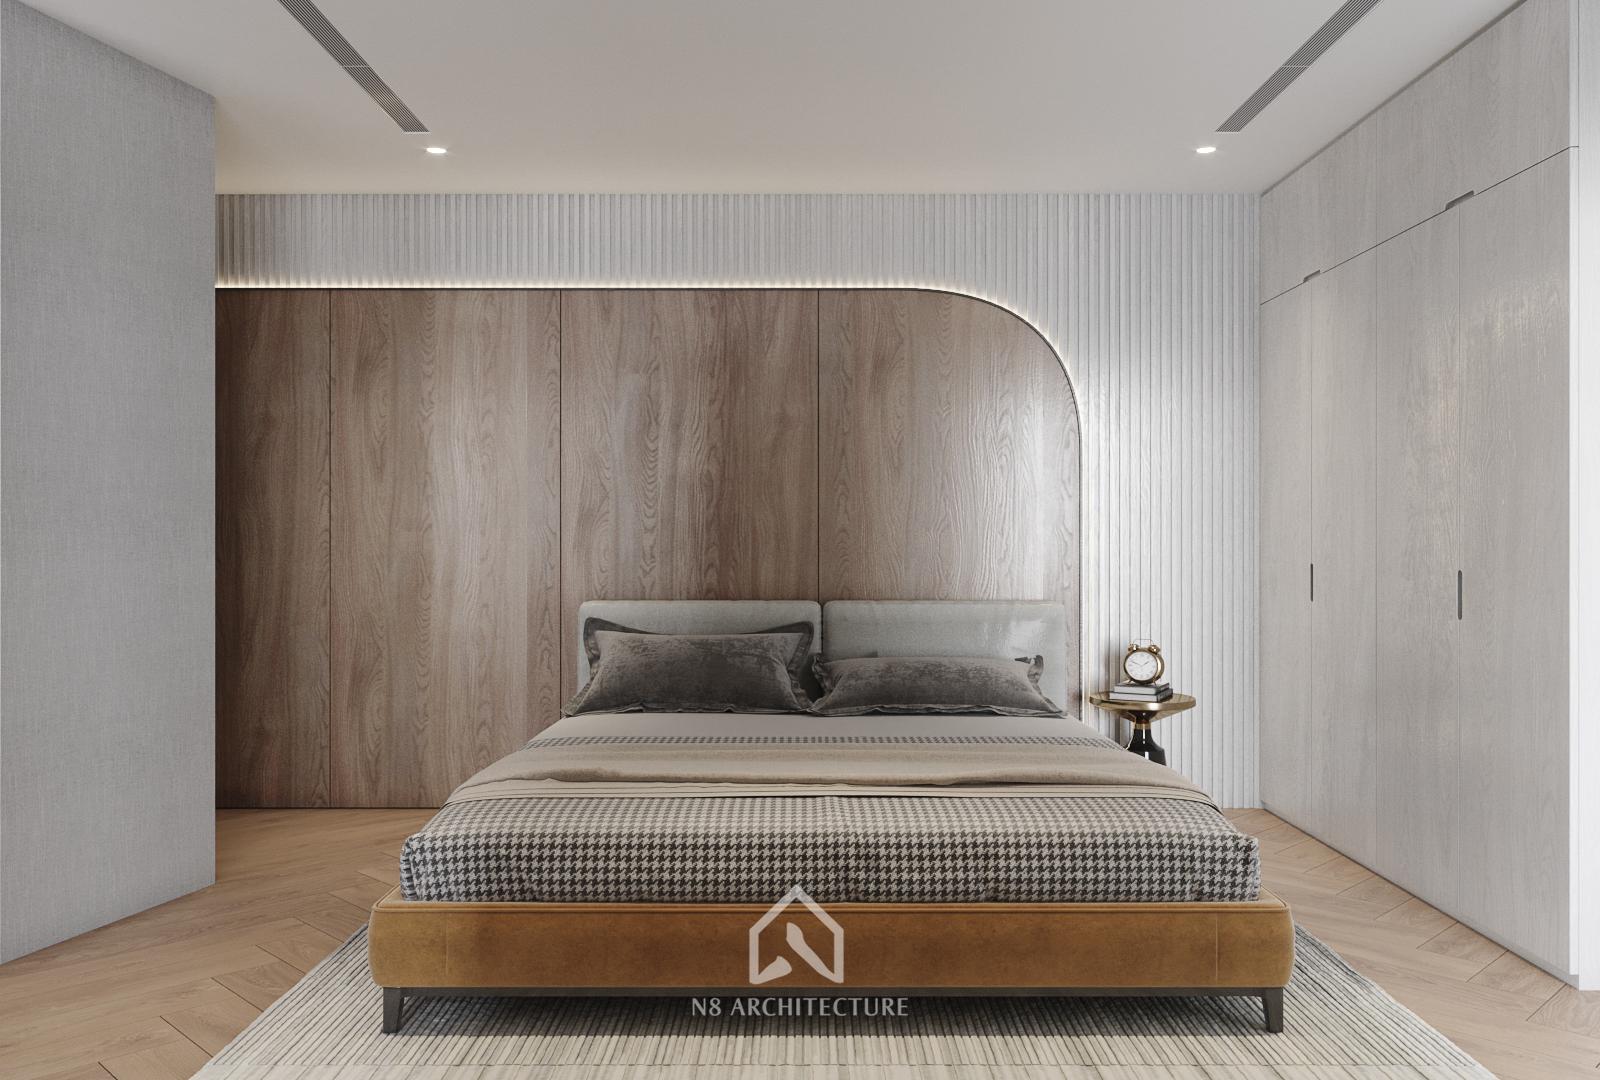 thiết kế nội thất chung cư vinhomes symphony 14